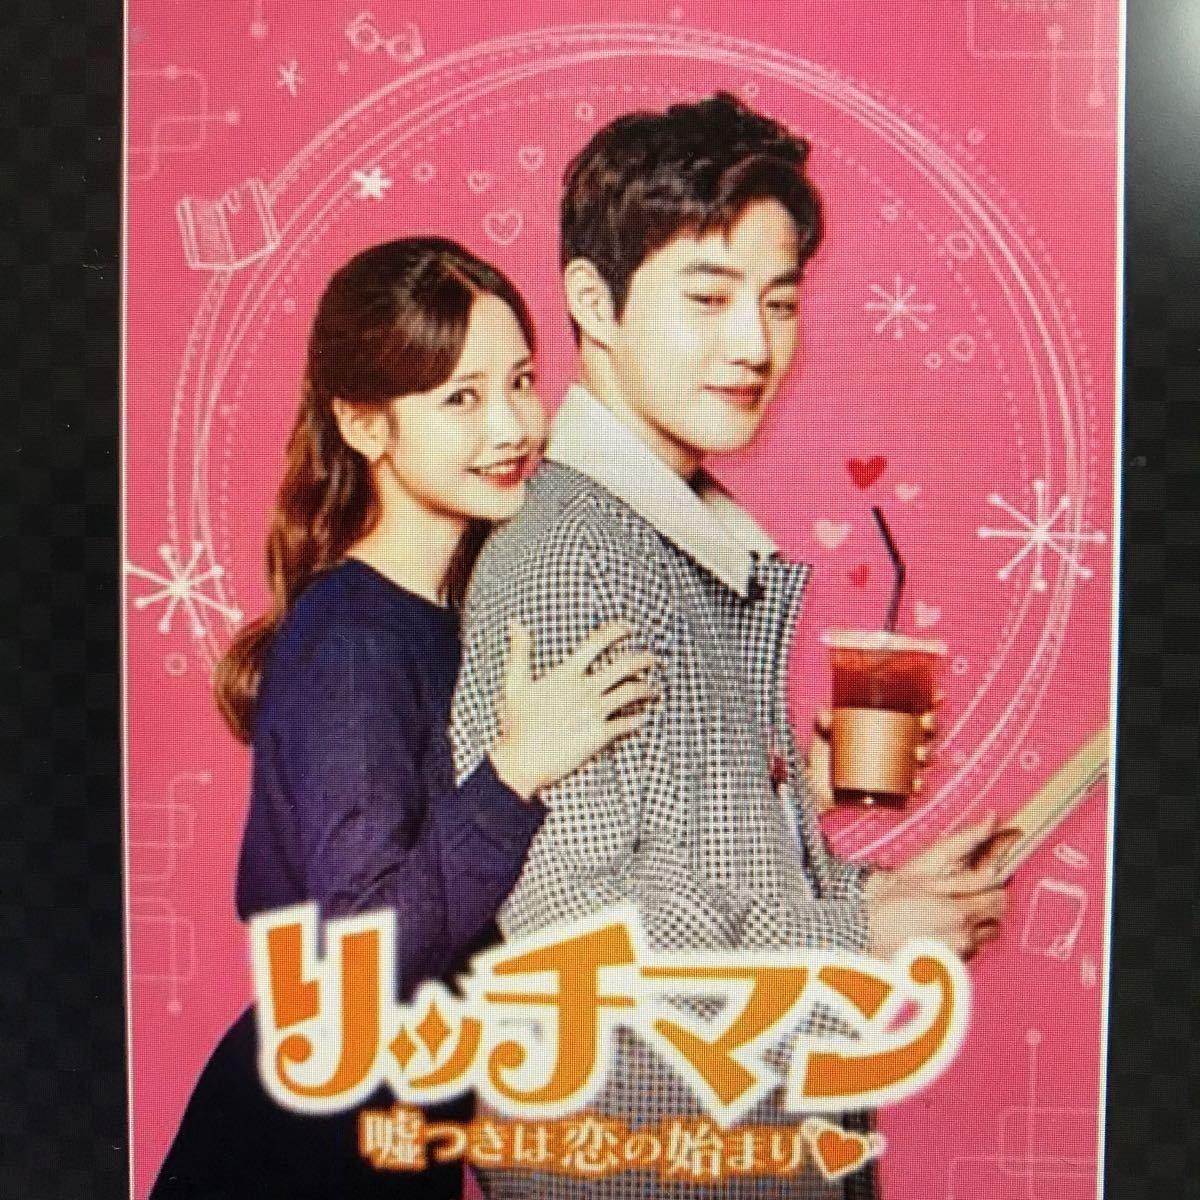 韓国ドラマ リッチマン〜嘘つきは恋の始まり〜 全話 Blu-ray 1枚